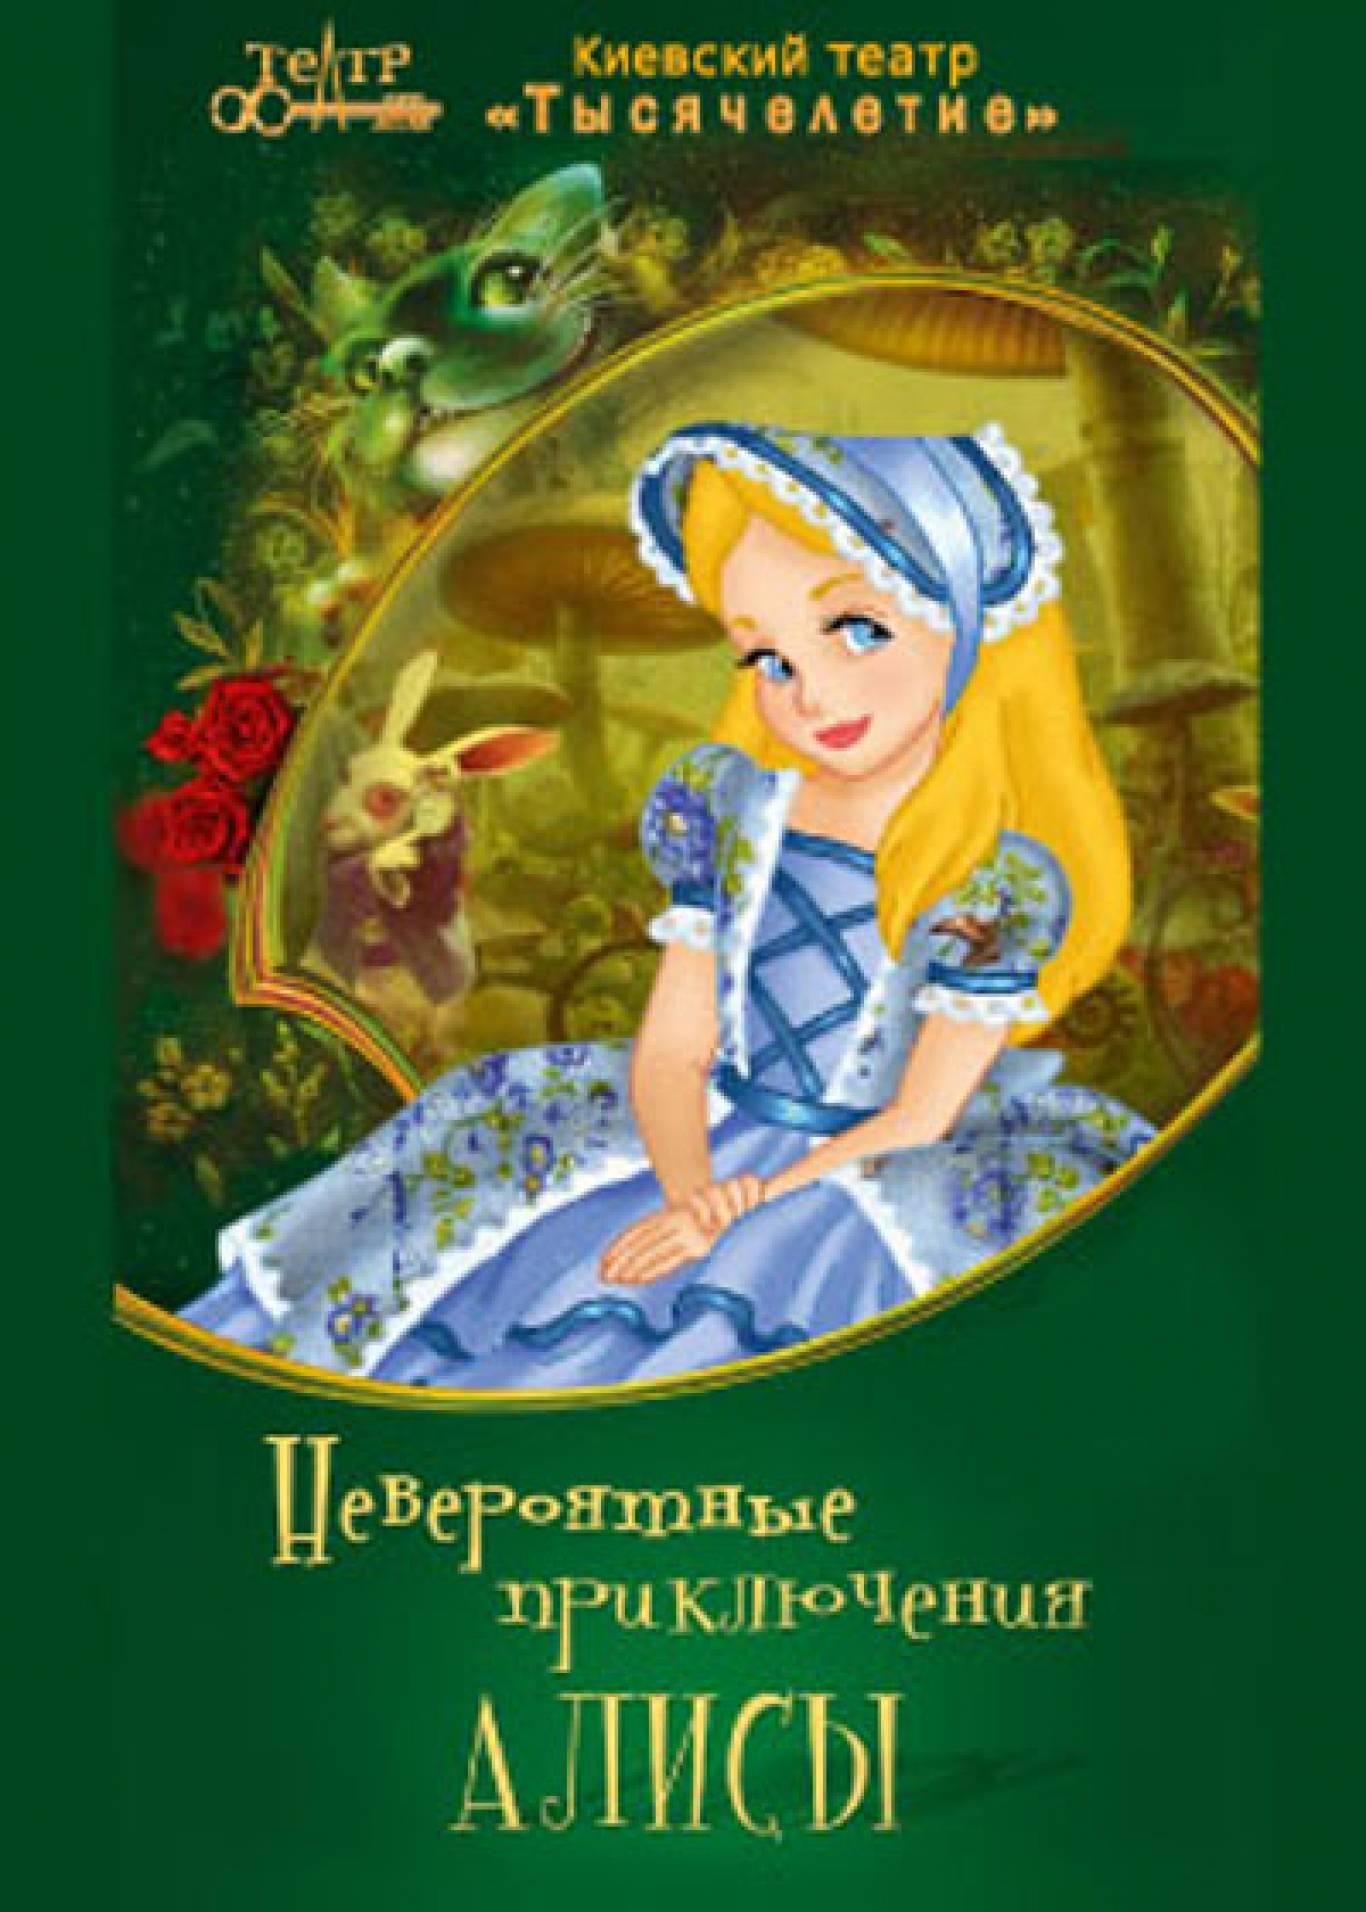 """Малий зал Палацу """"Україна"""": вистава """"Неймовірні пригоди Аліси"""""""